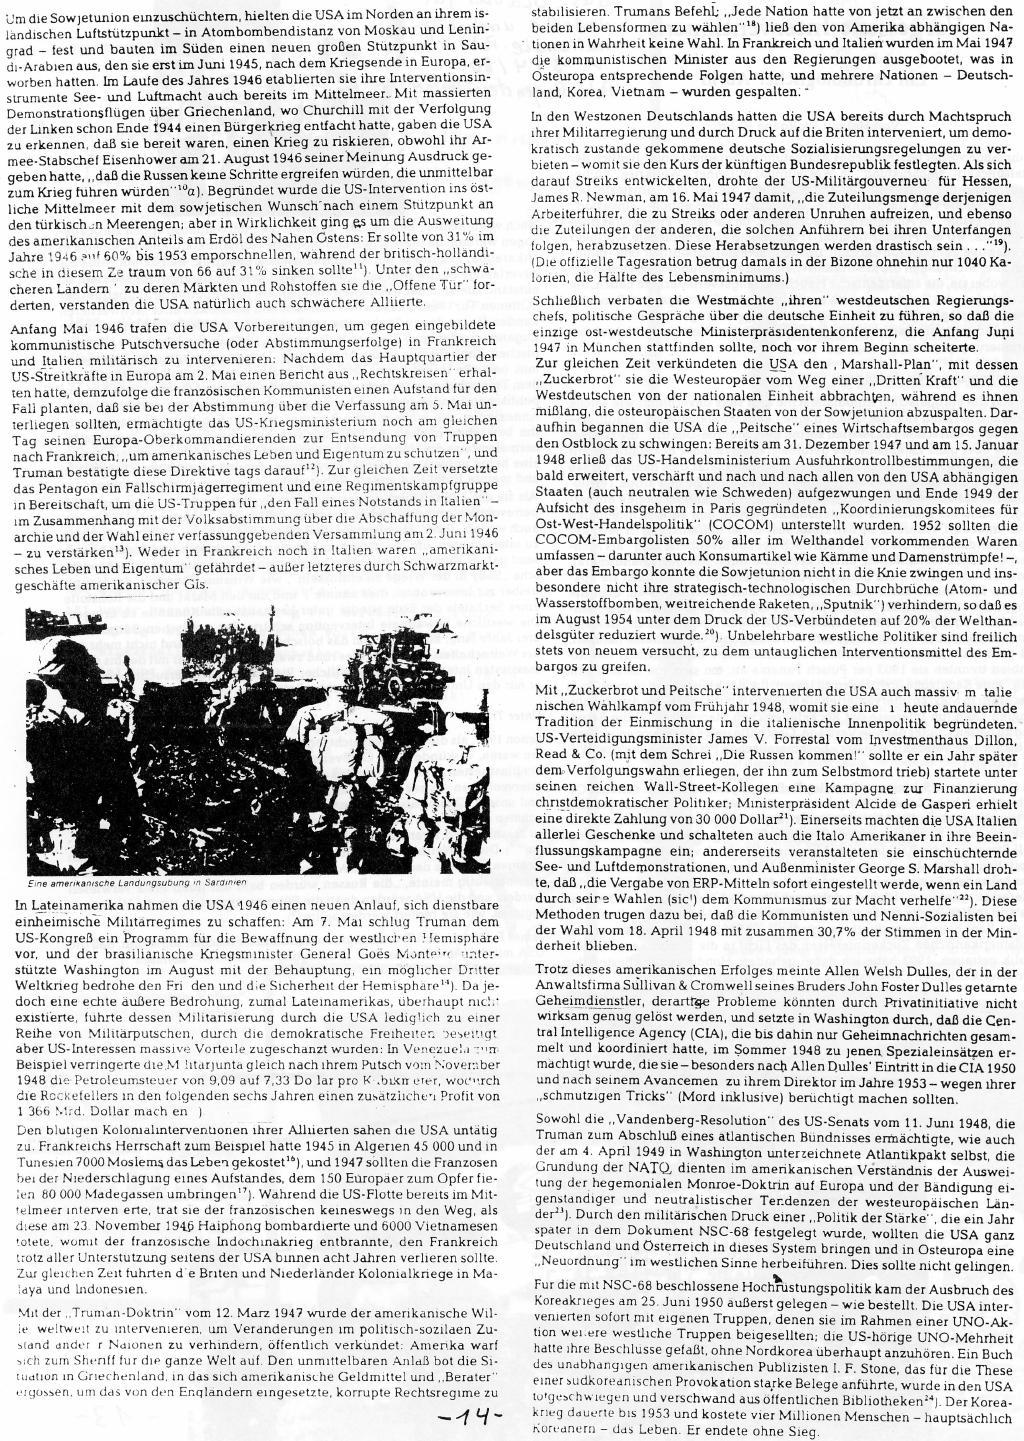 Bremen_1980_NATO_Broschuere_14